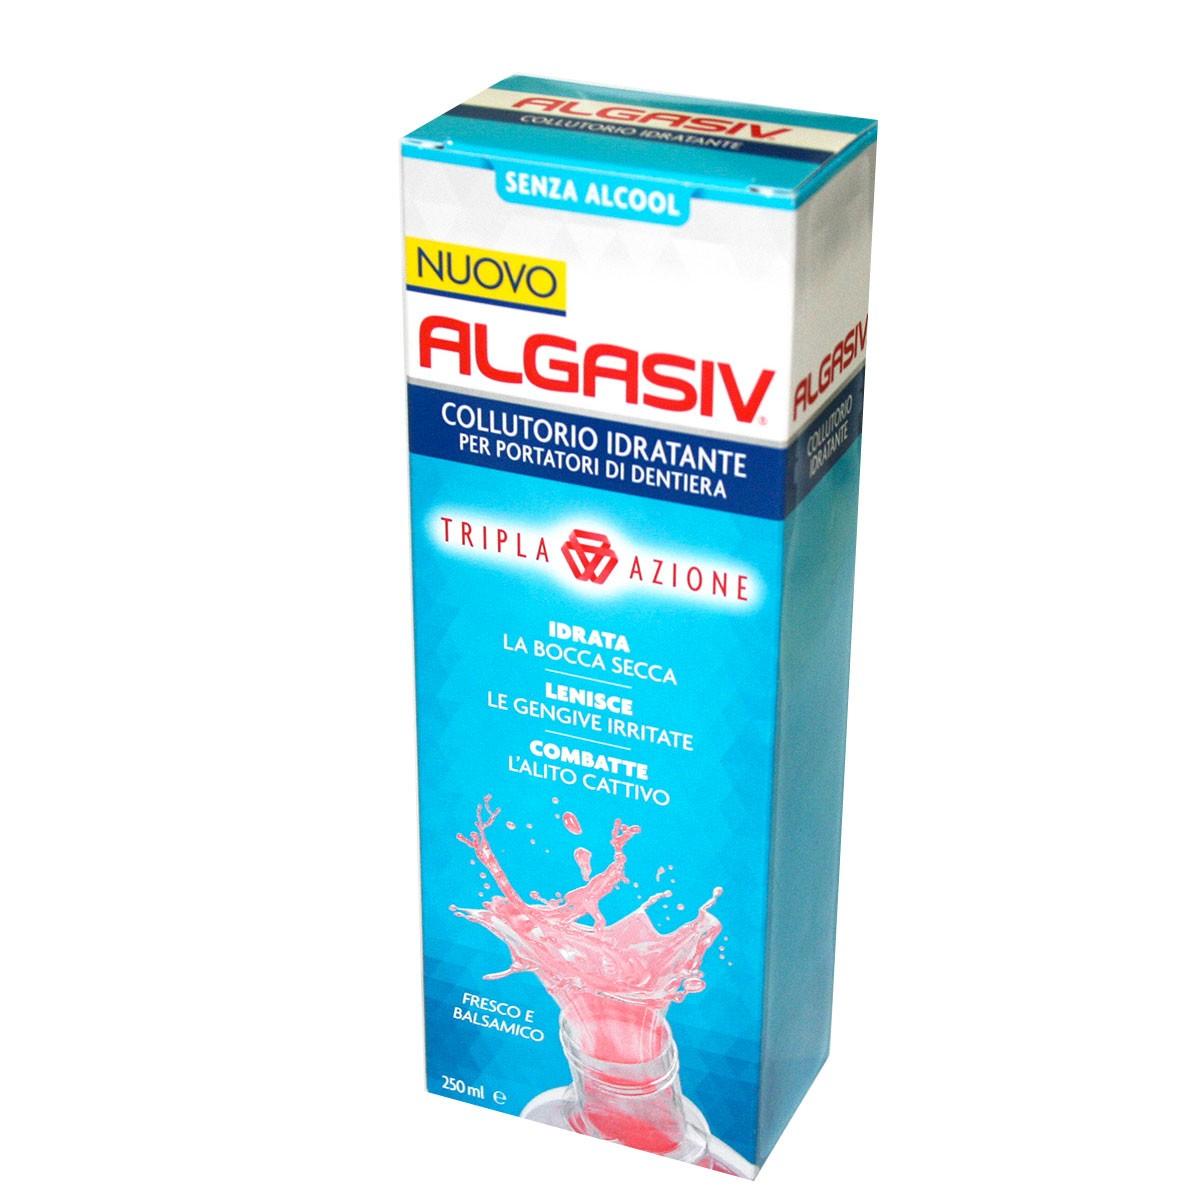 Image of Algasiv Collutorio Idratante Tripla Azione 250ml 934545397